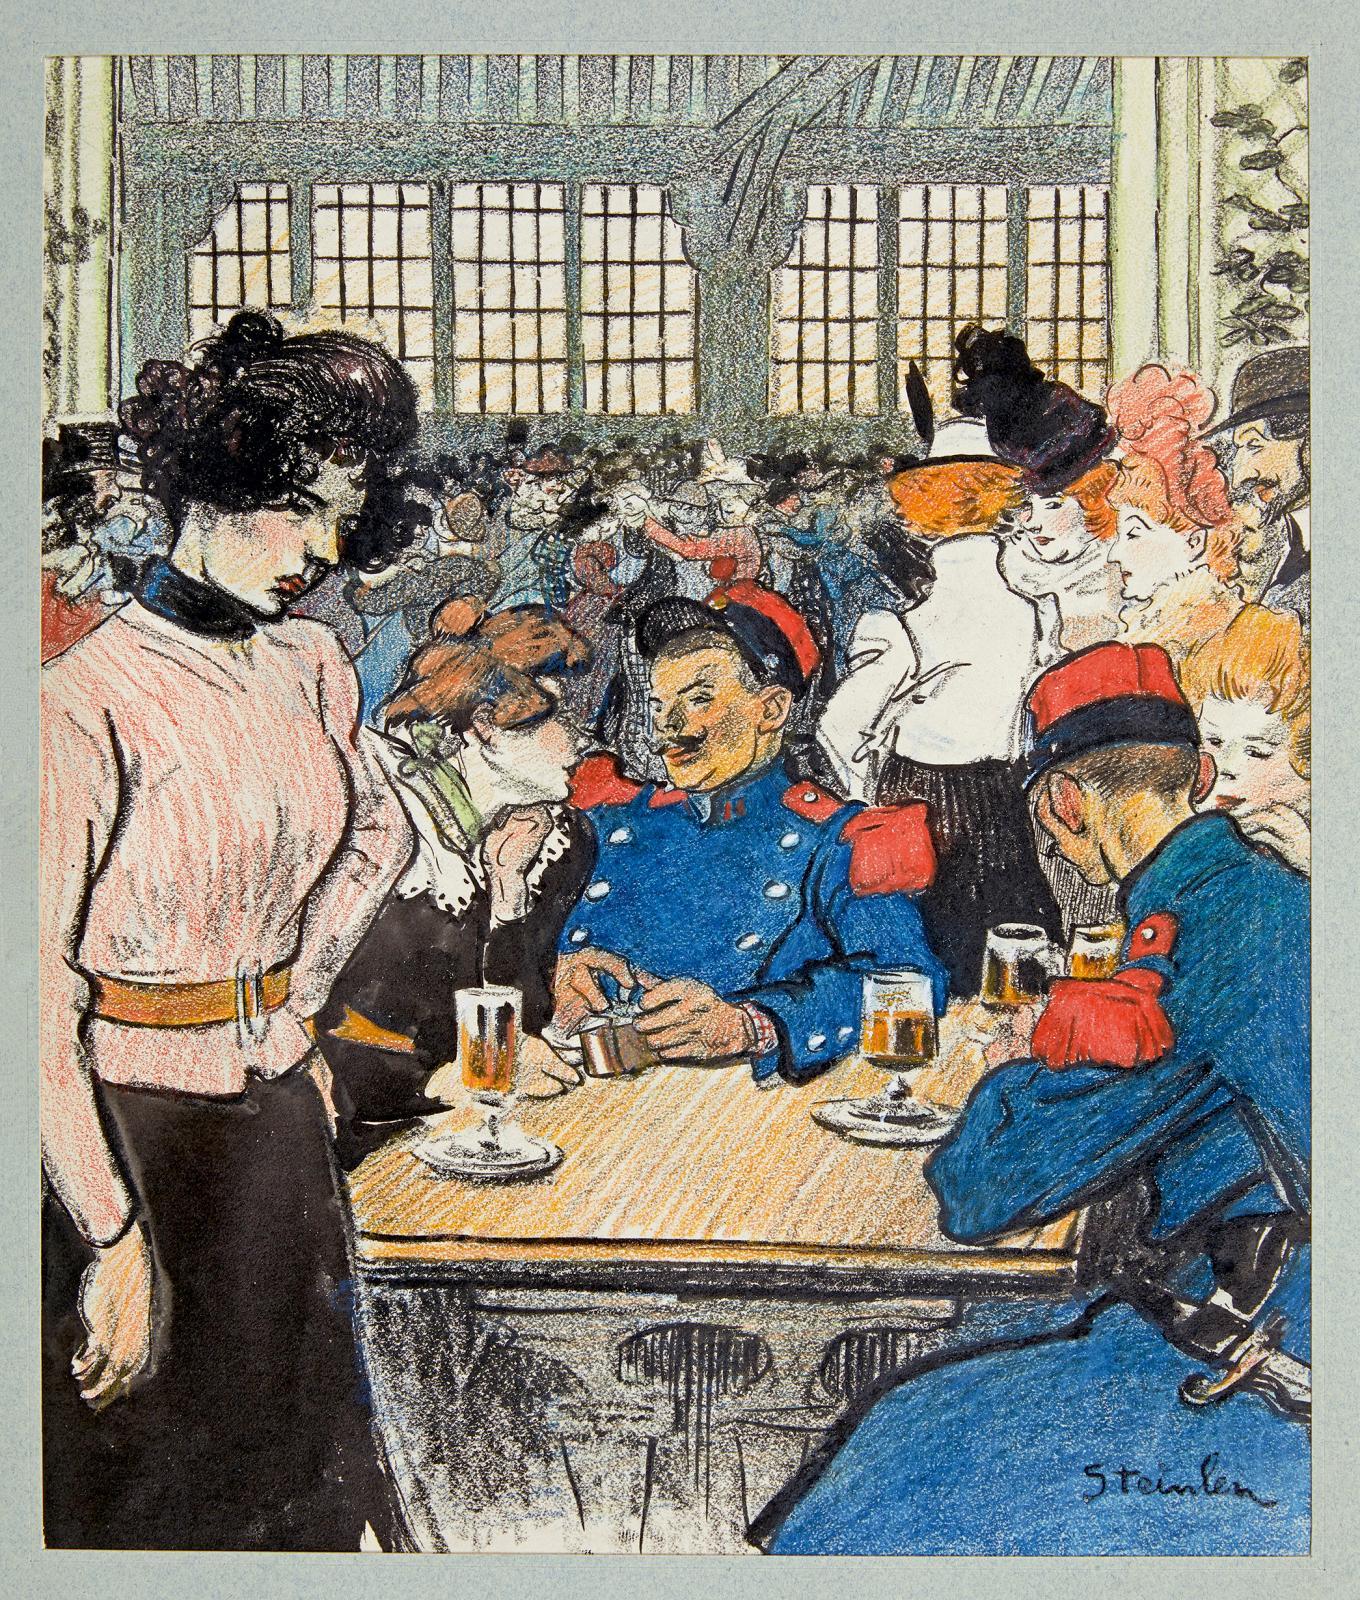 Boulevards extérieurs, nouvelle de Serge Basset, dessin original paru dans le Gil Blas illustré n°20 du 20mai 1898 (première page), cray